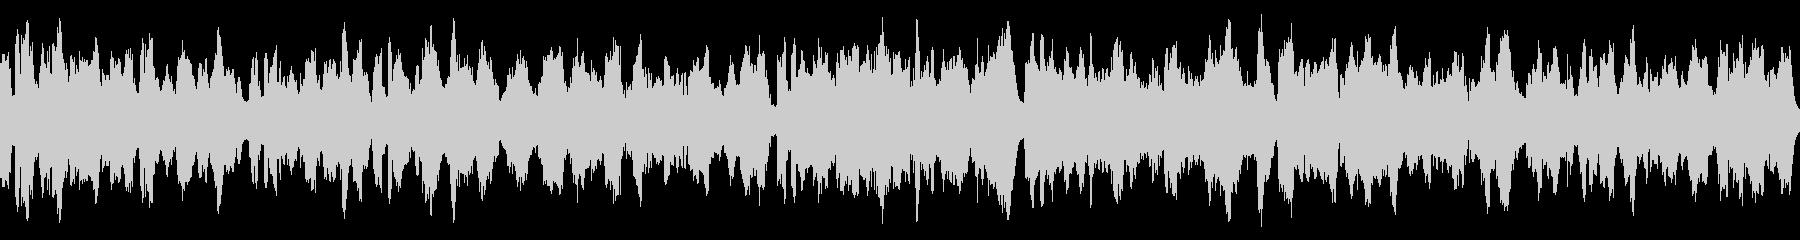 ファンタジー系の村癒やし曲の未再生の波形